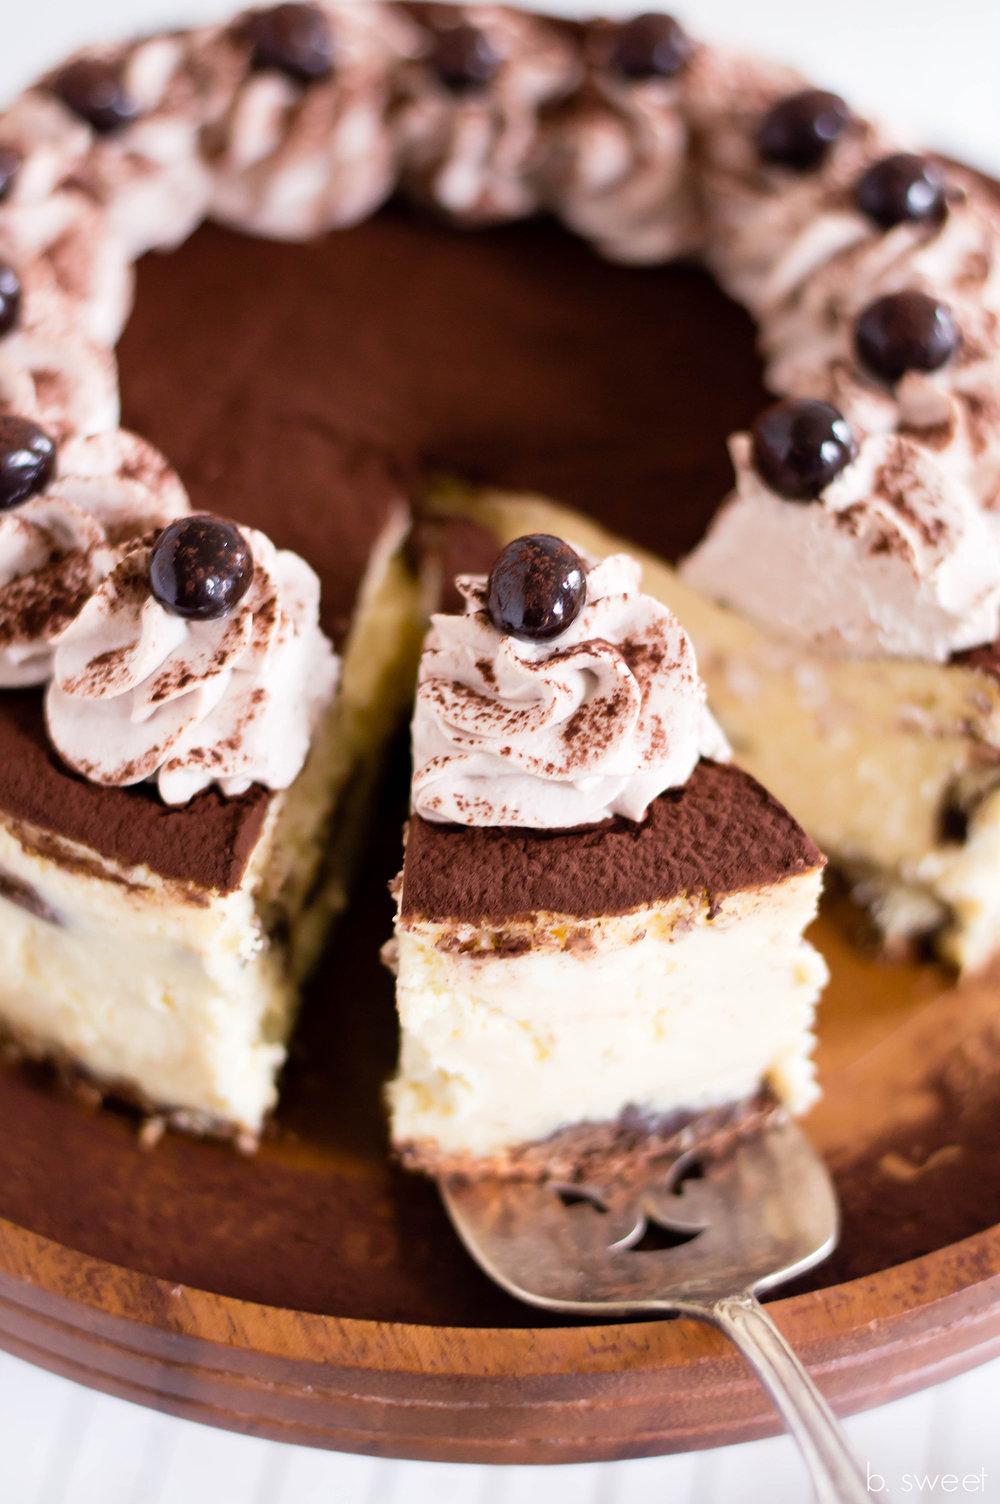 Tiramisu Cheesecake - b. sweet